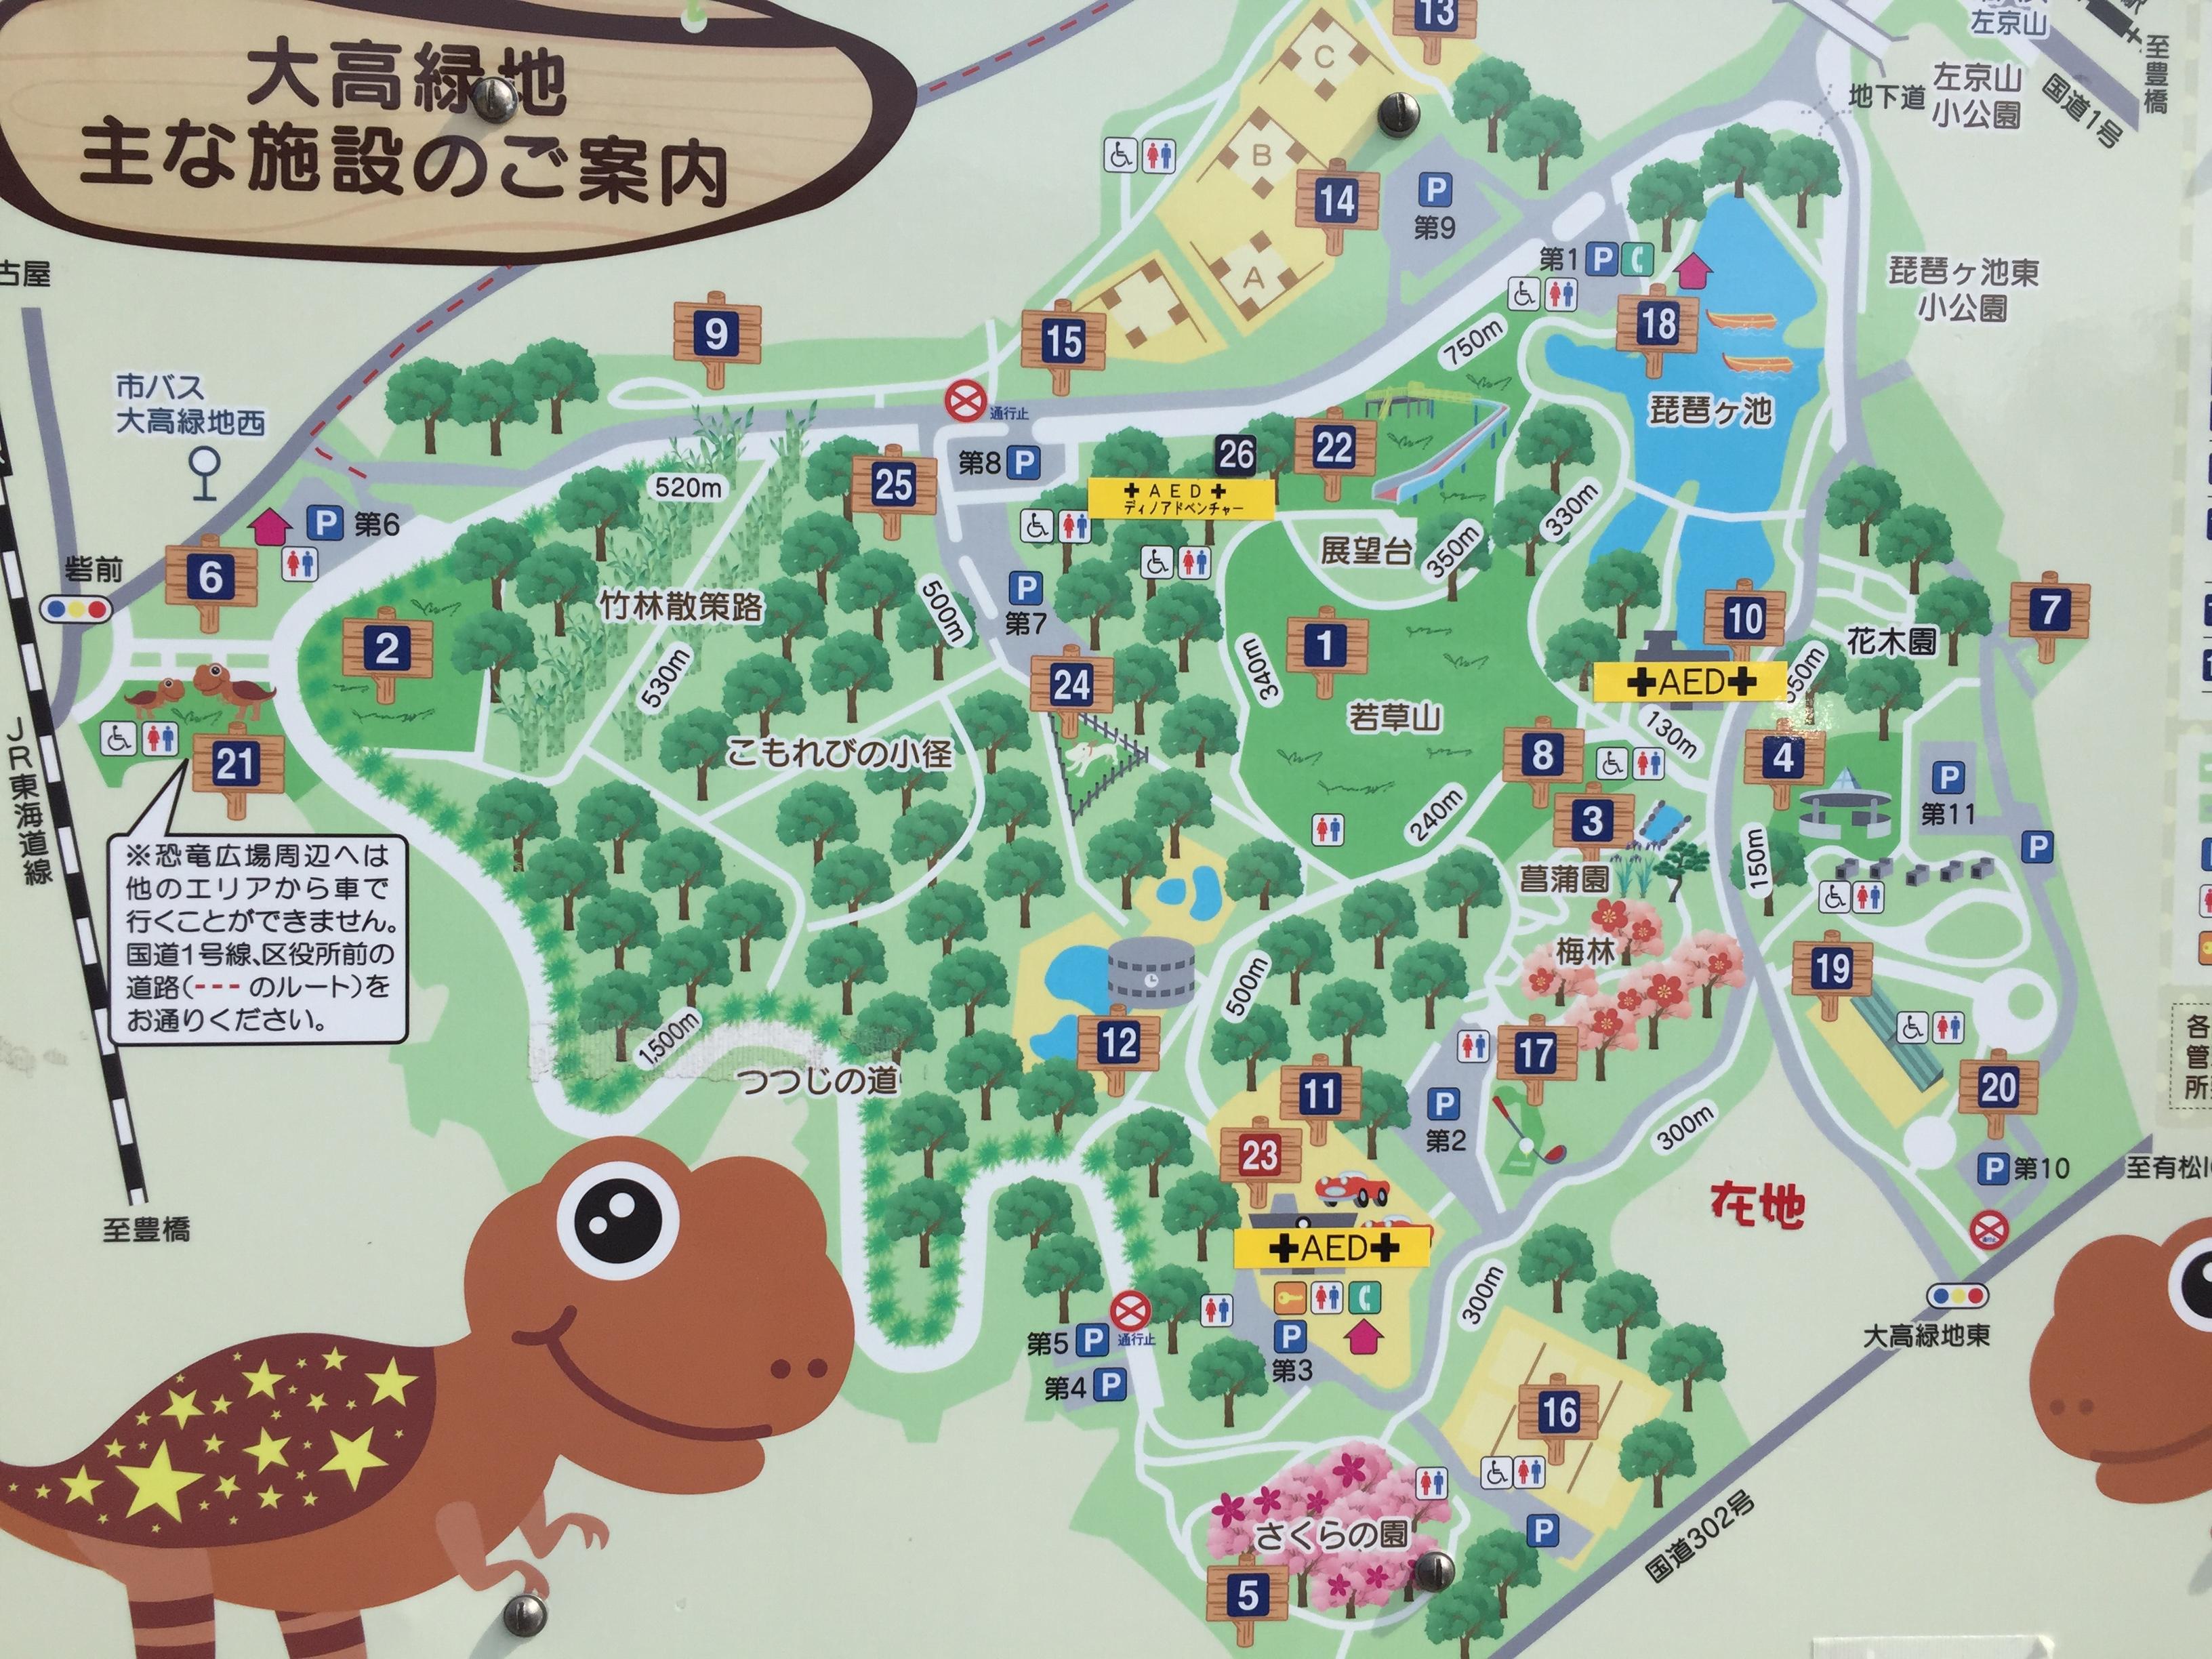 oodakaryokuchipark-ume